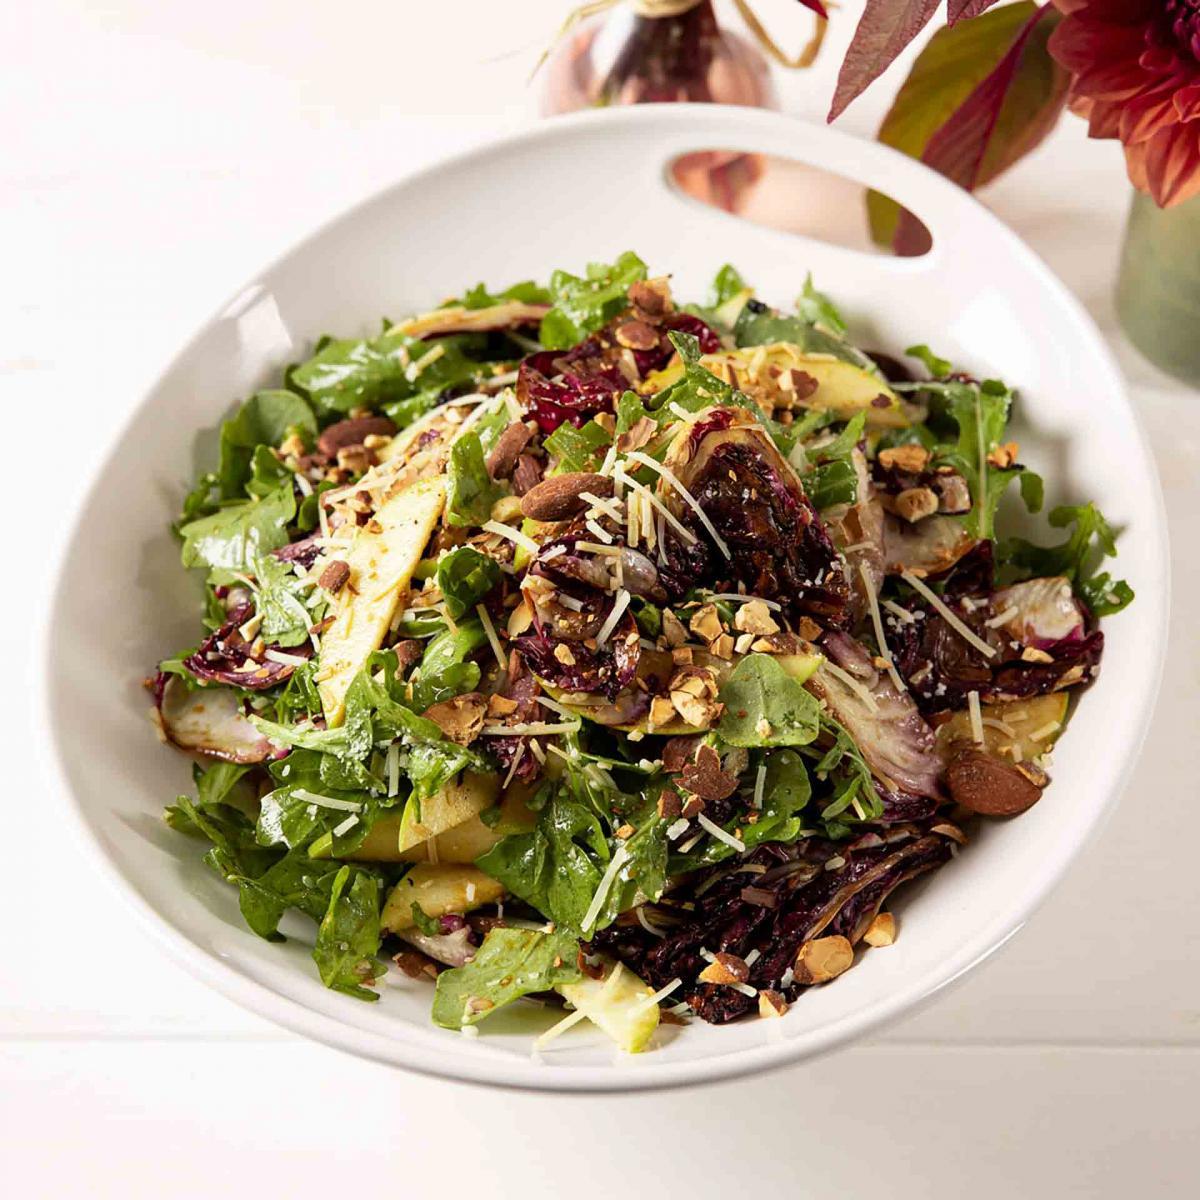 Apple, Arugula and Grilled Radicchio Salad